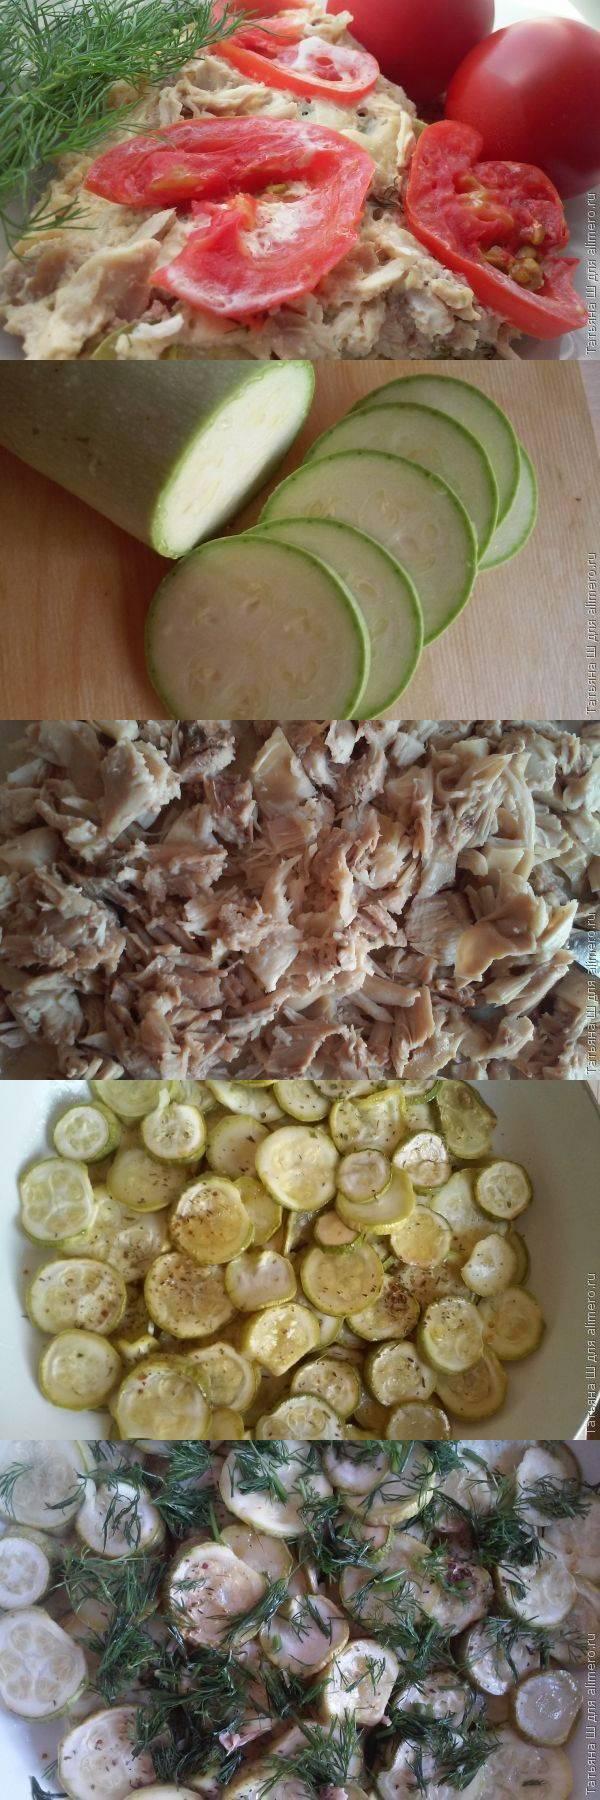 Запеканка на сковороде с кабачком и курицей